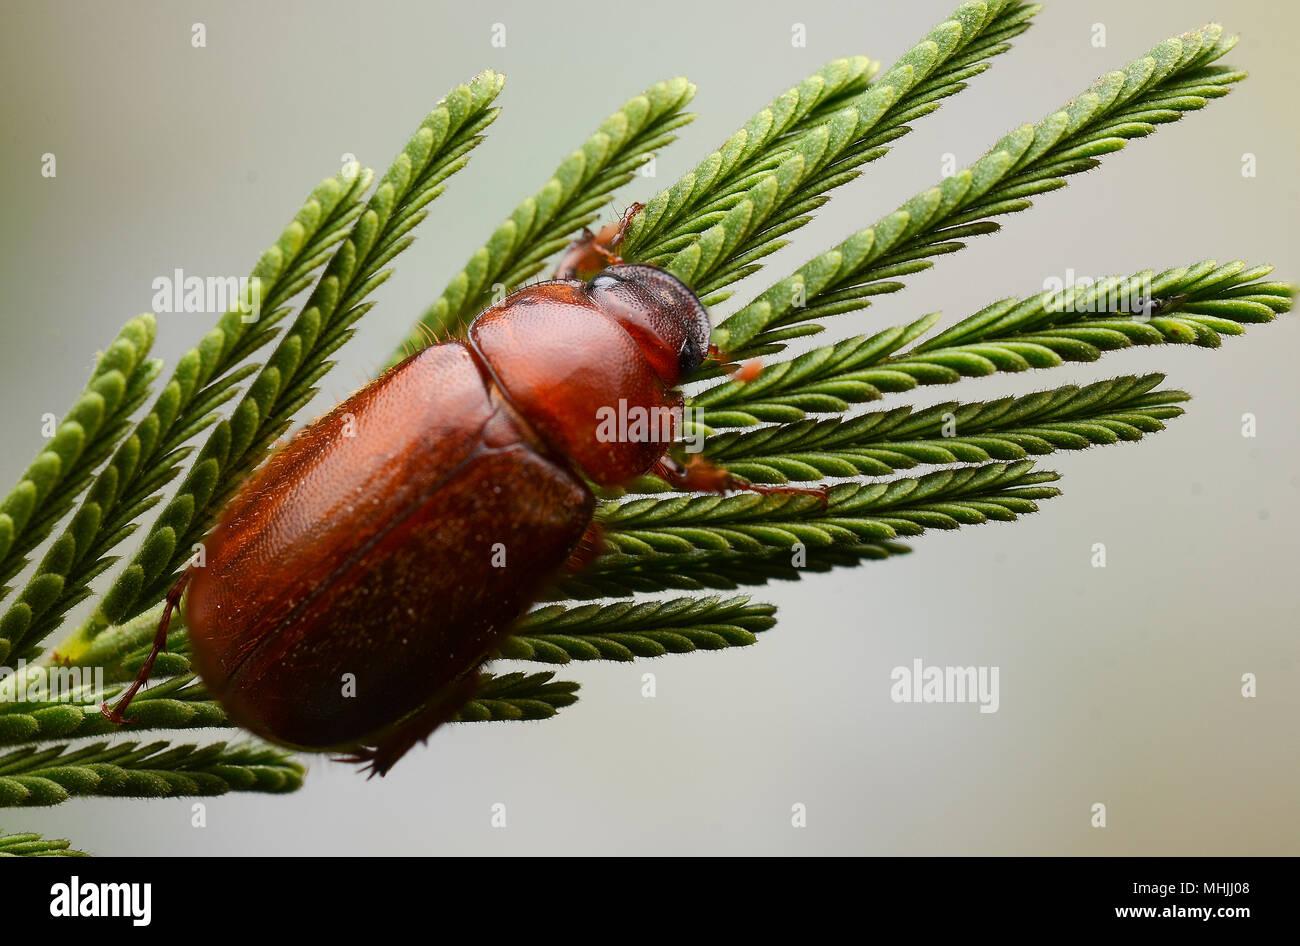 Beetle - Stock Image